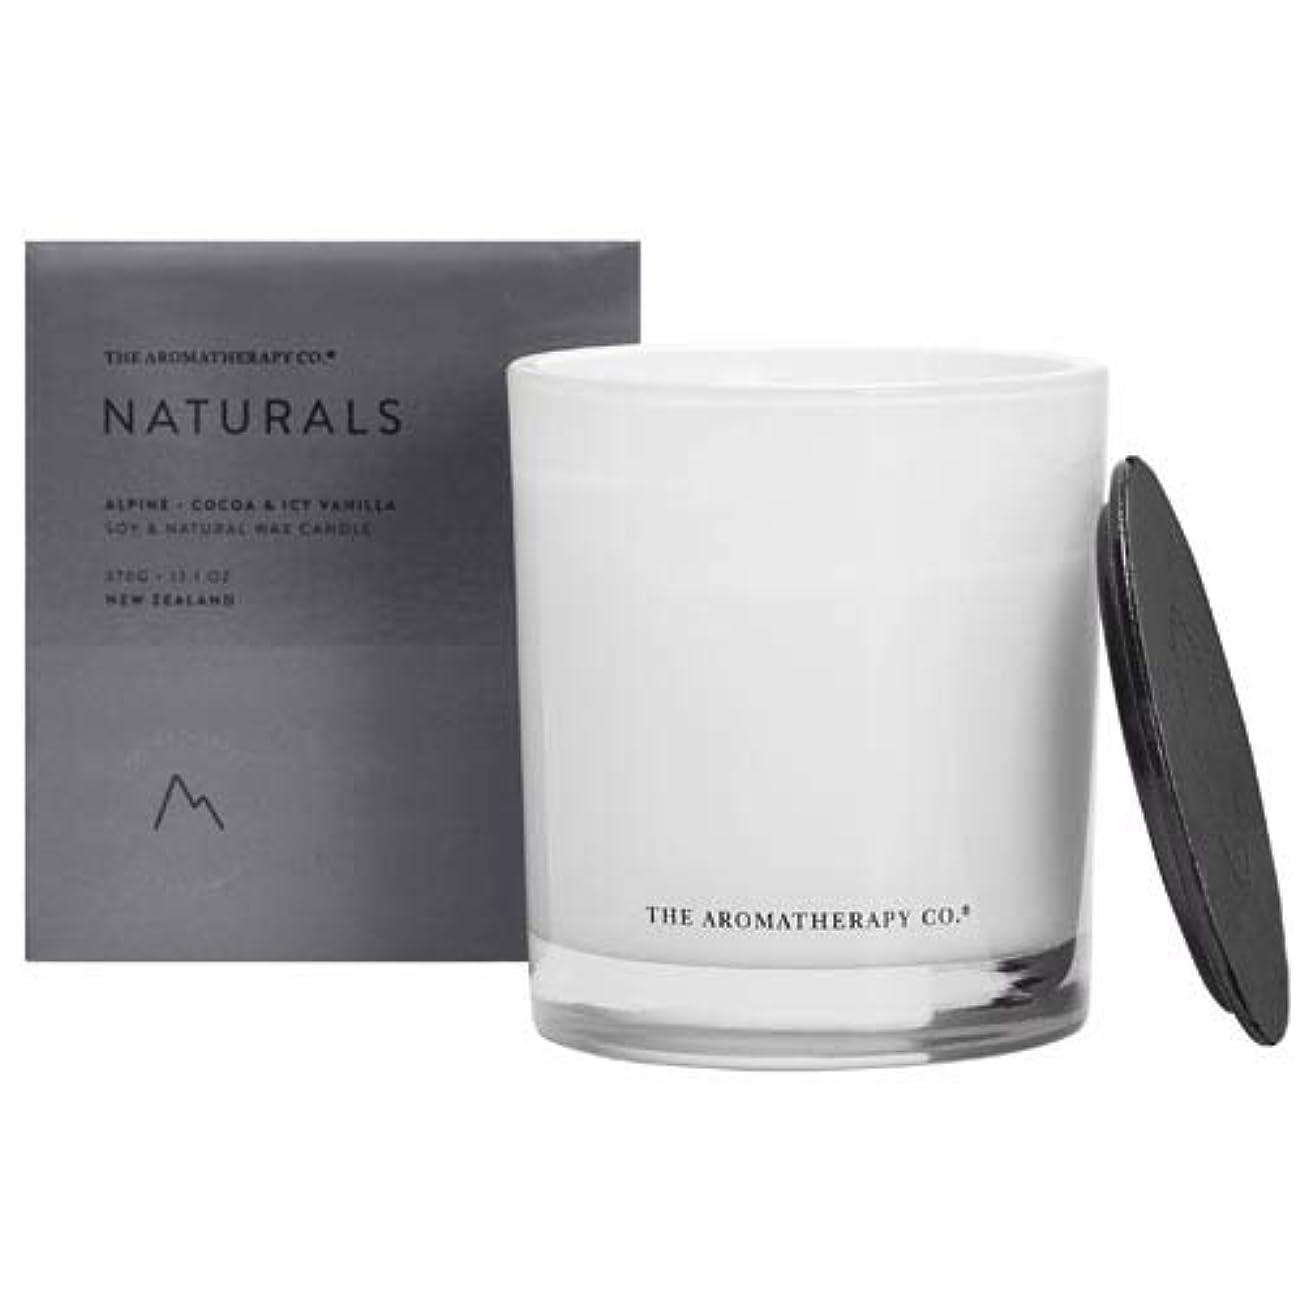 以来全能ボクシングアロマセラピーカンパニー(Aromatherapy Company) new NATURALS ナチュラルズ Candle キャンドル Alpine アルパイン(山) Cocoa & Icy Vanilla ココア&アイシーバニラ